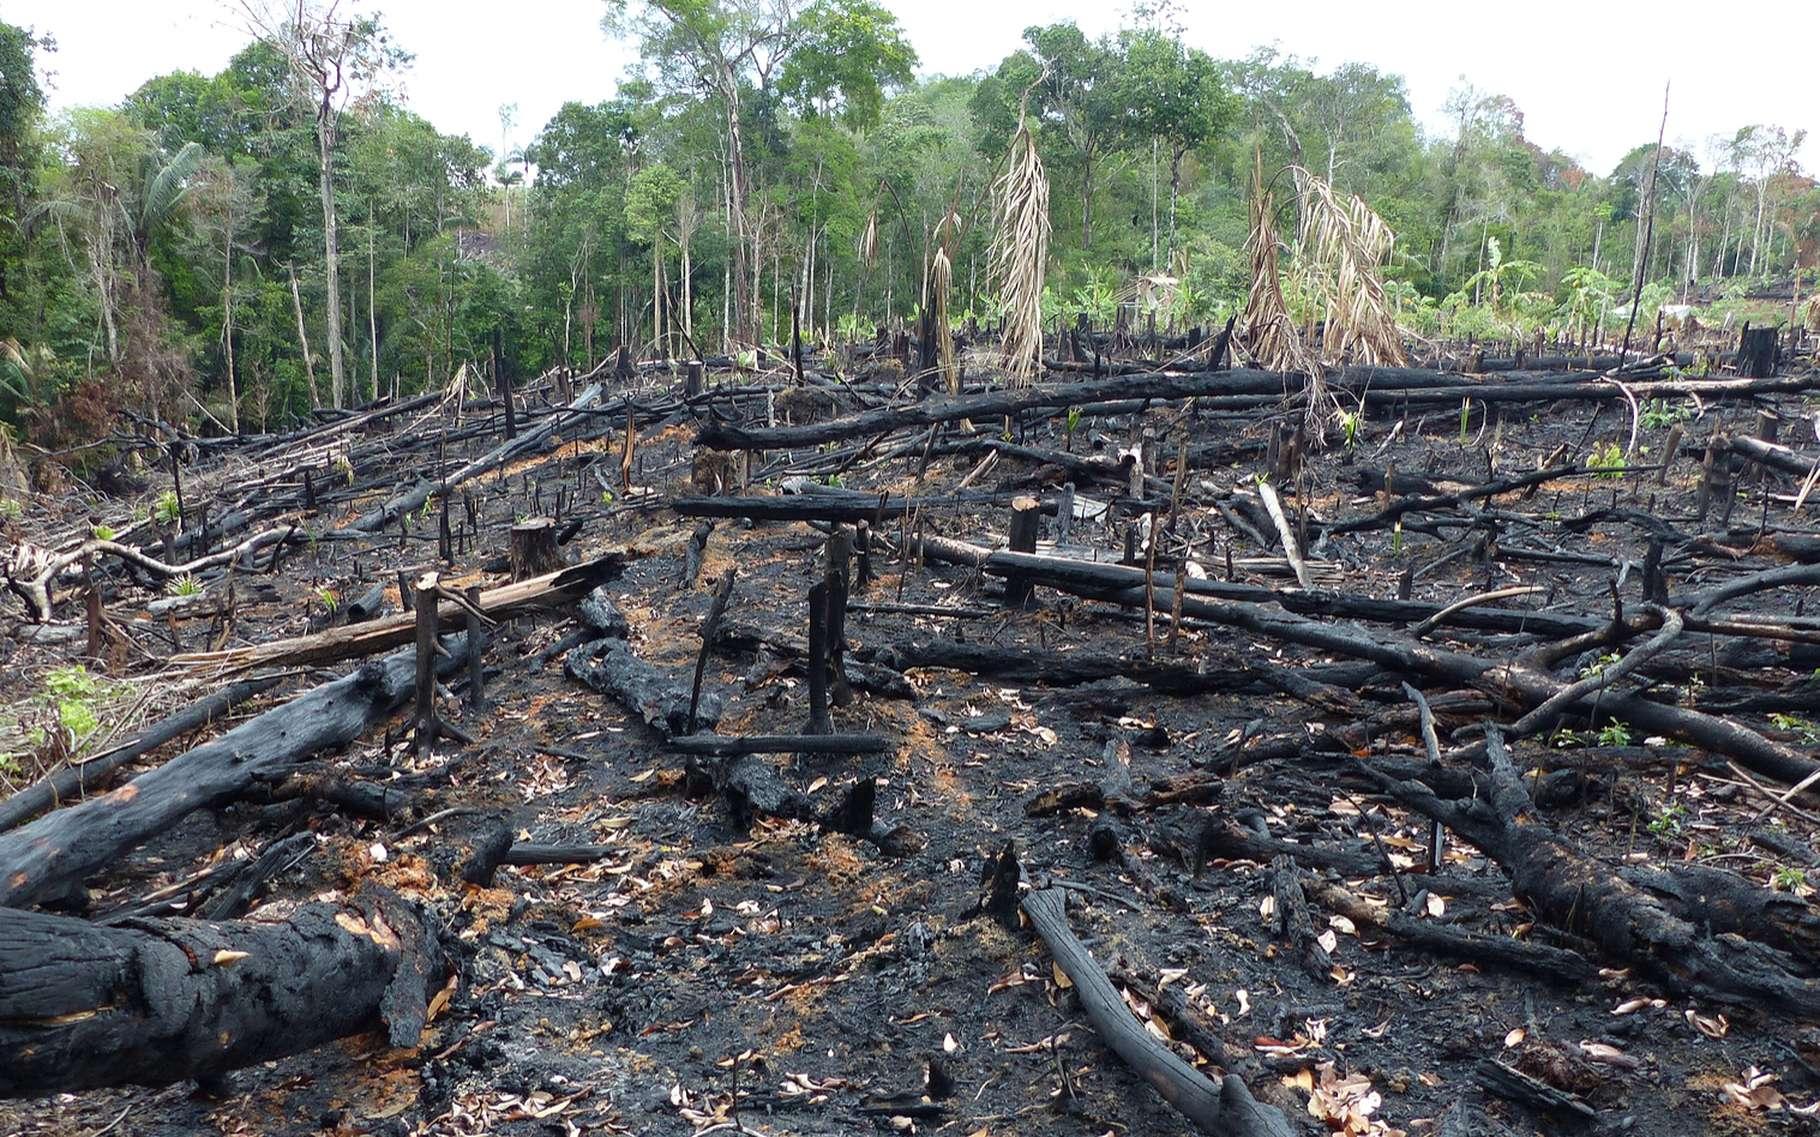 Triste spectacle de déforestation en Amazonie. © guentermanaus, shutterstock